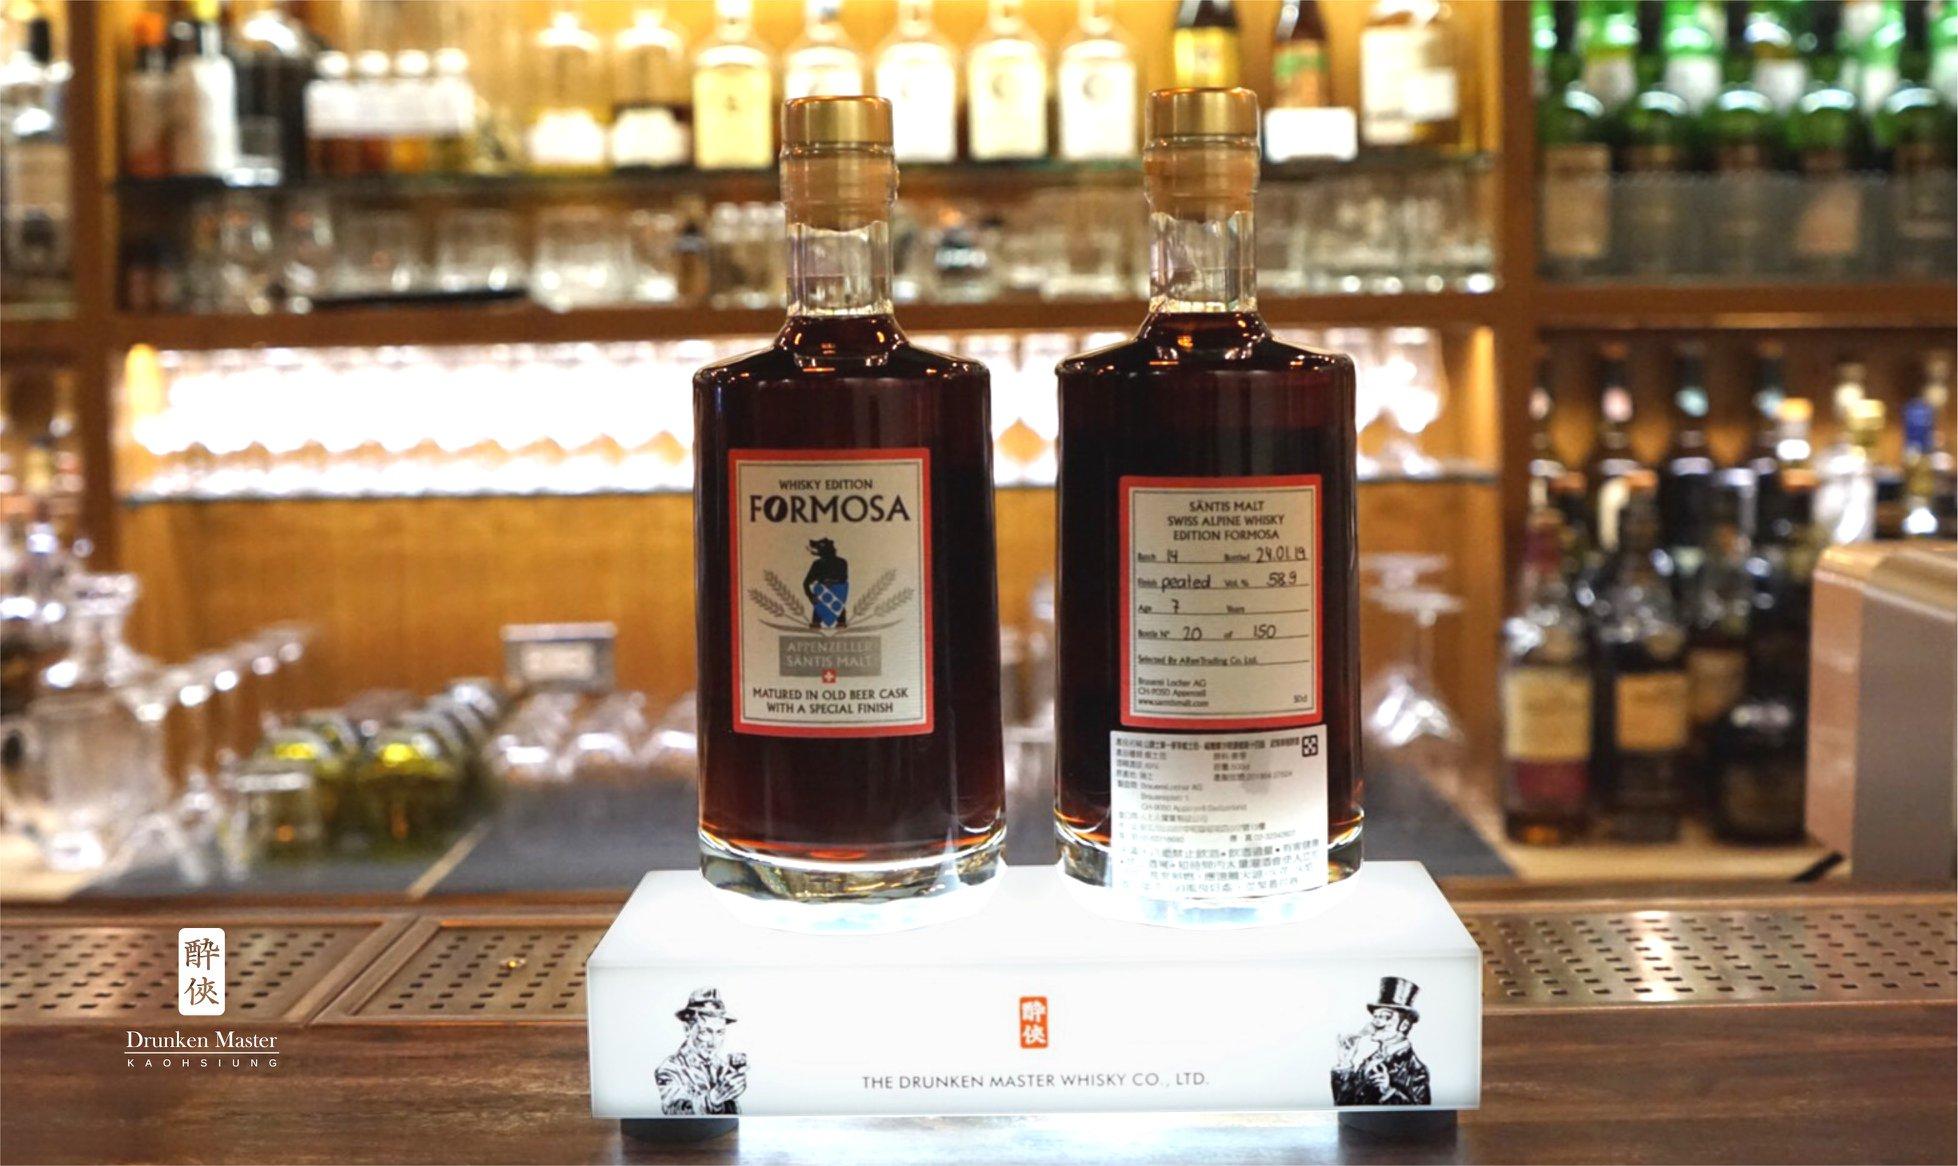 高雄酒吧-醉俠 The Drunken Master Whisky BAR 威士忌酒館